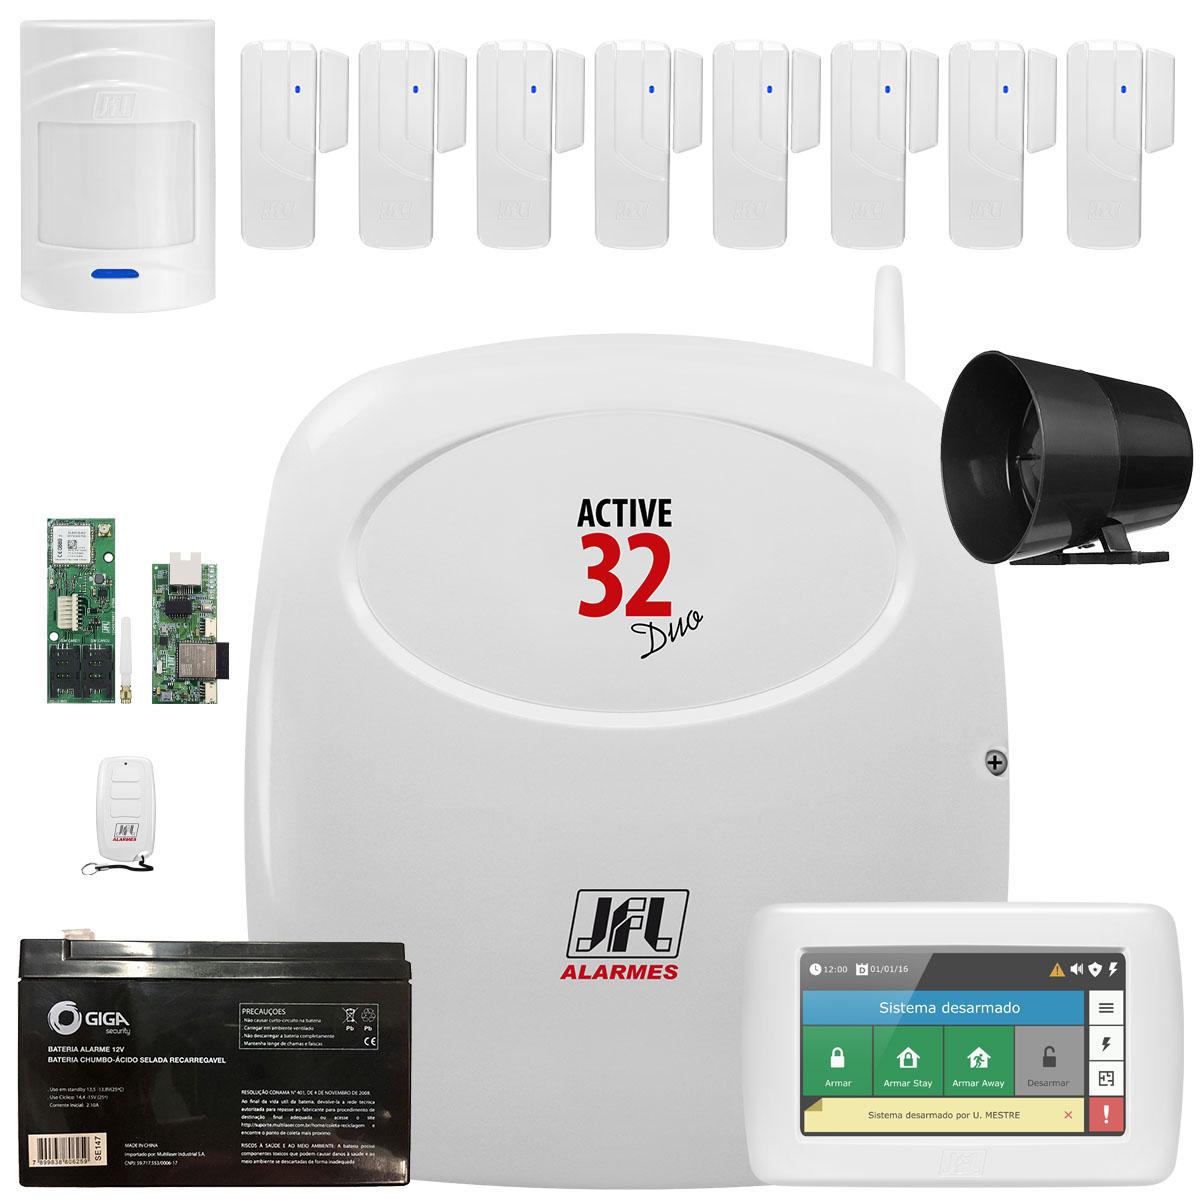 Kit Central Active 32 Duo Com Sensores Sl 220 e IrPet 520 Duo